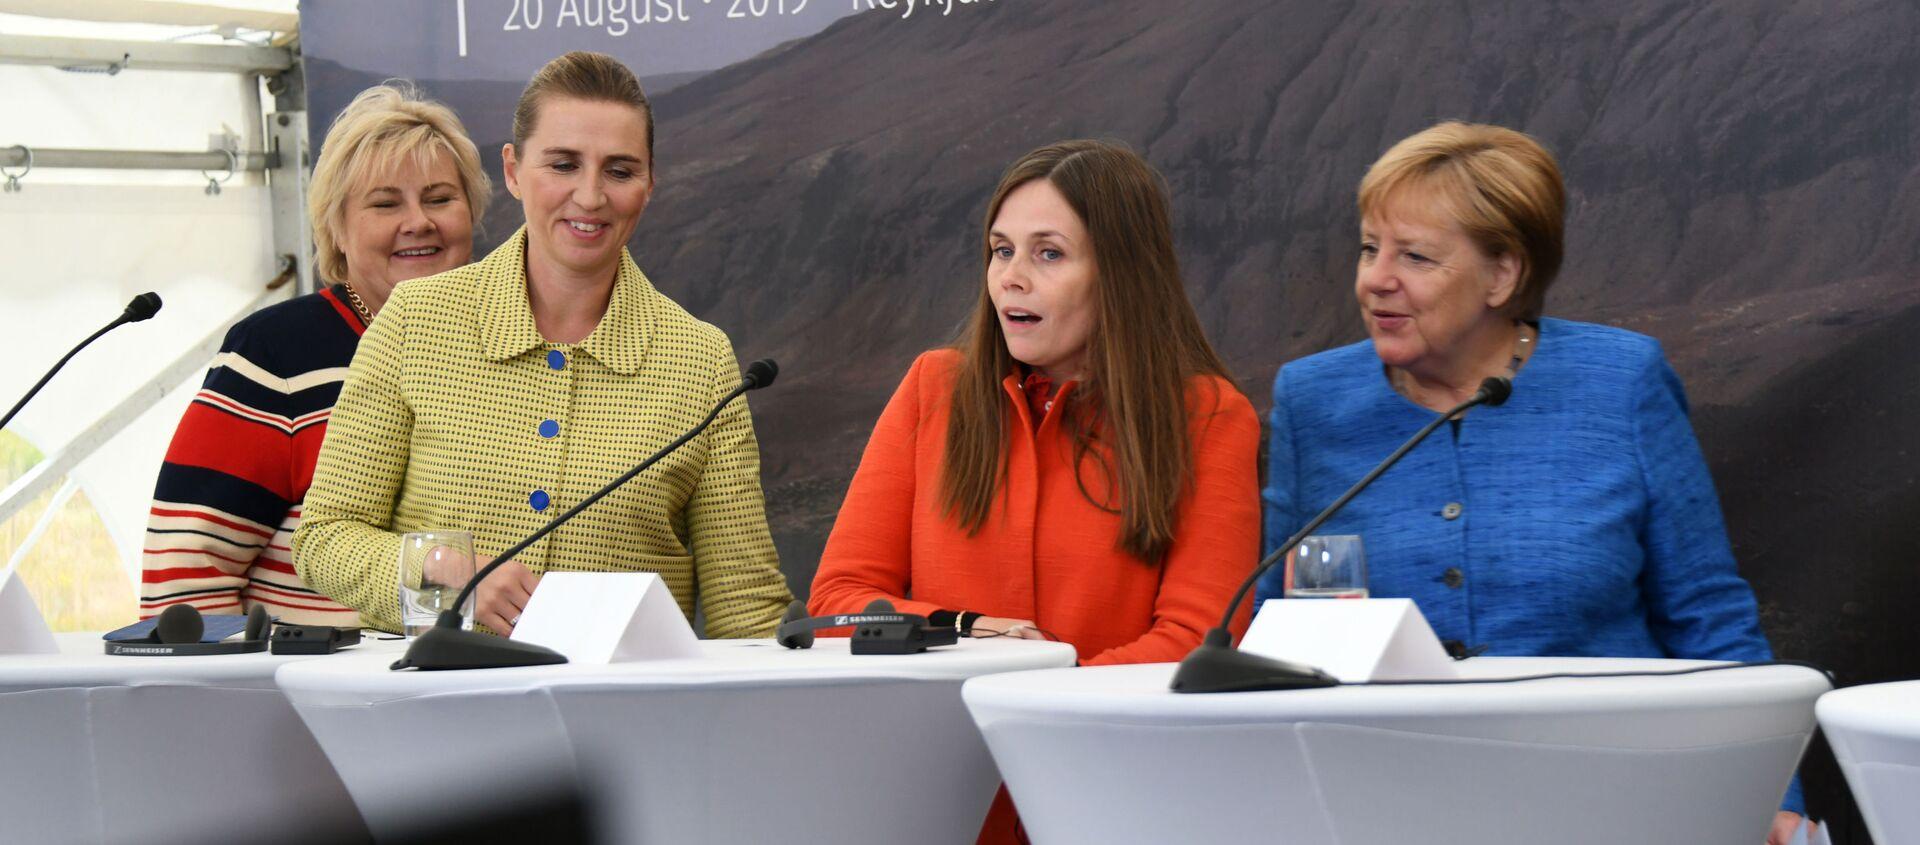 La primera ministra de Noruega, Dinamarca, Islandia y de Alemania en una rueda de prensa - Sputnik Mundo, 1920, 29.04.2020